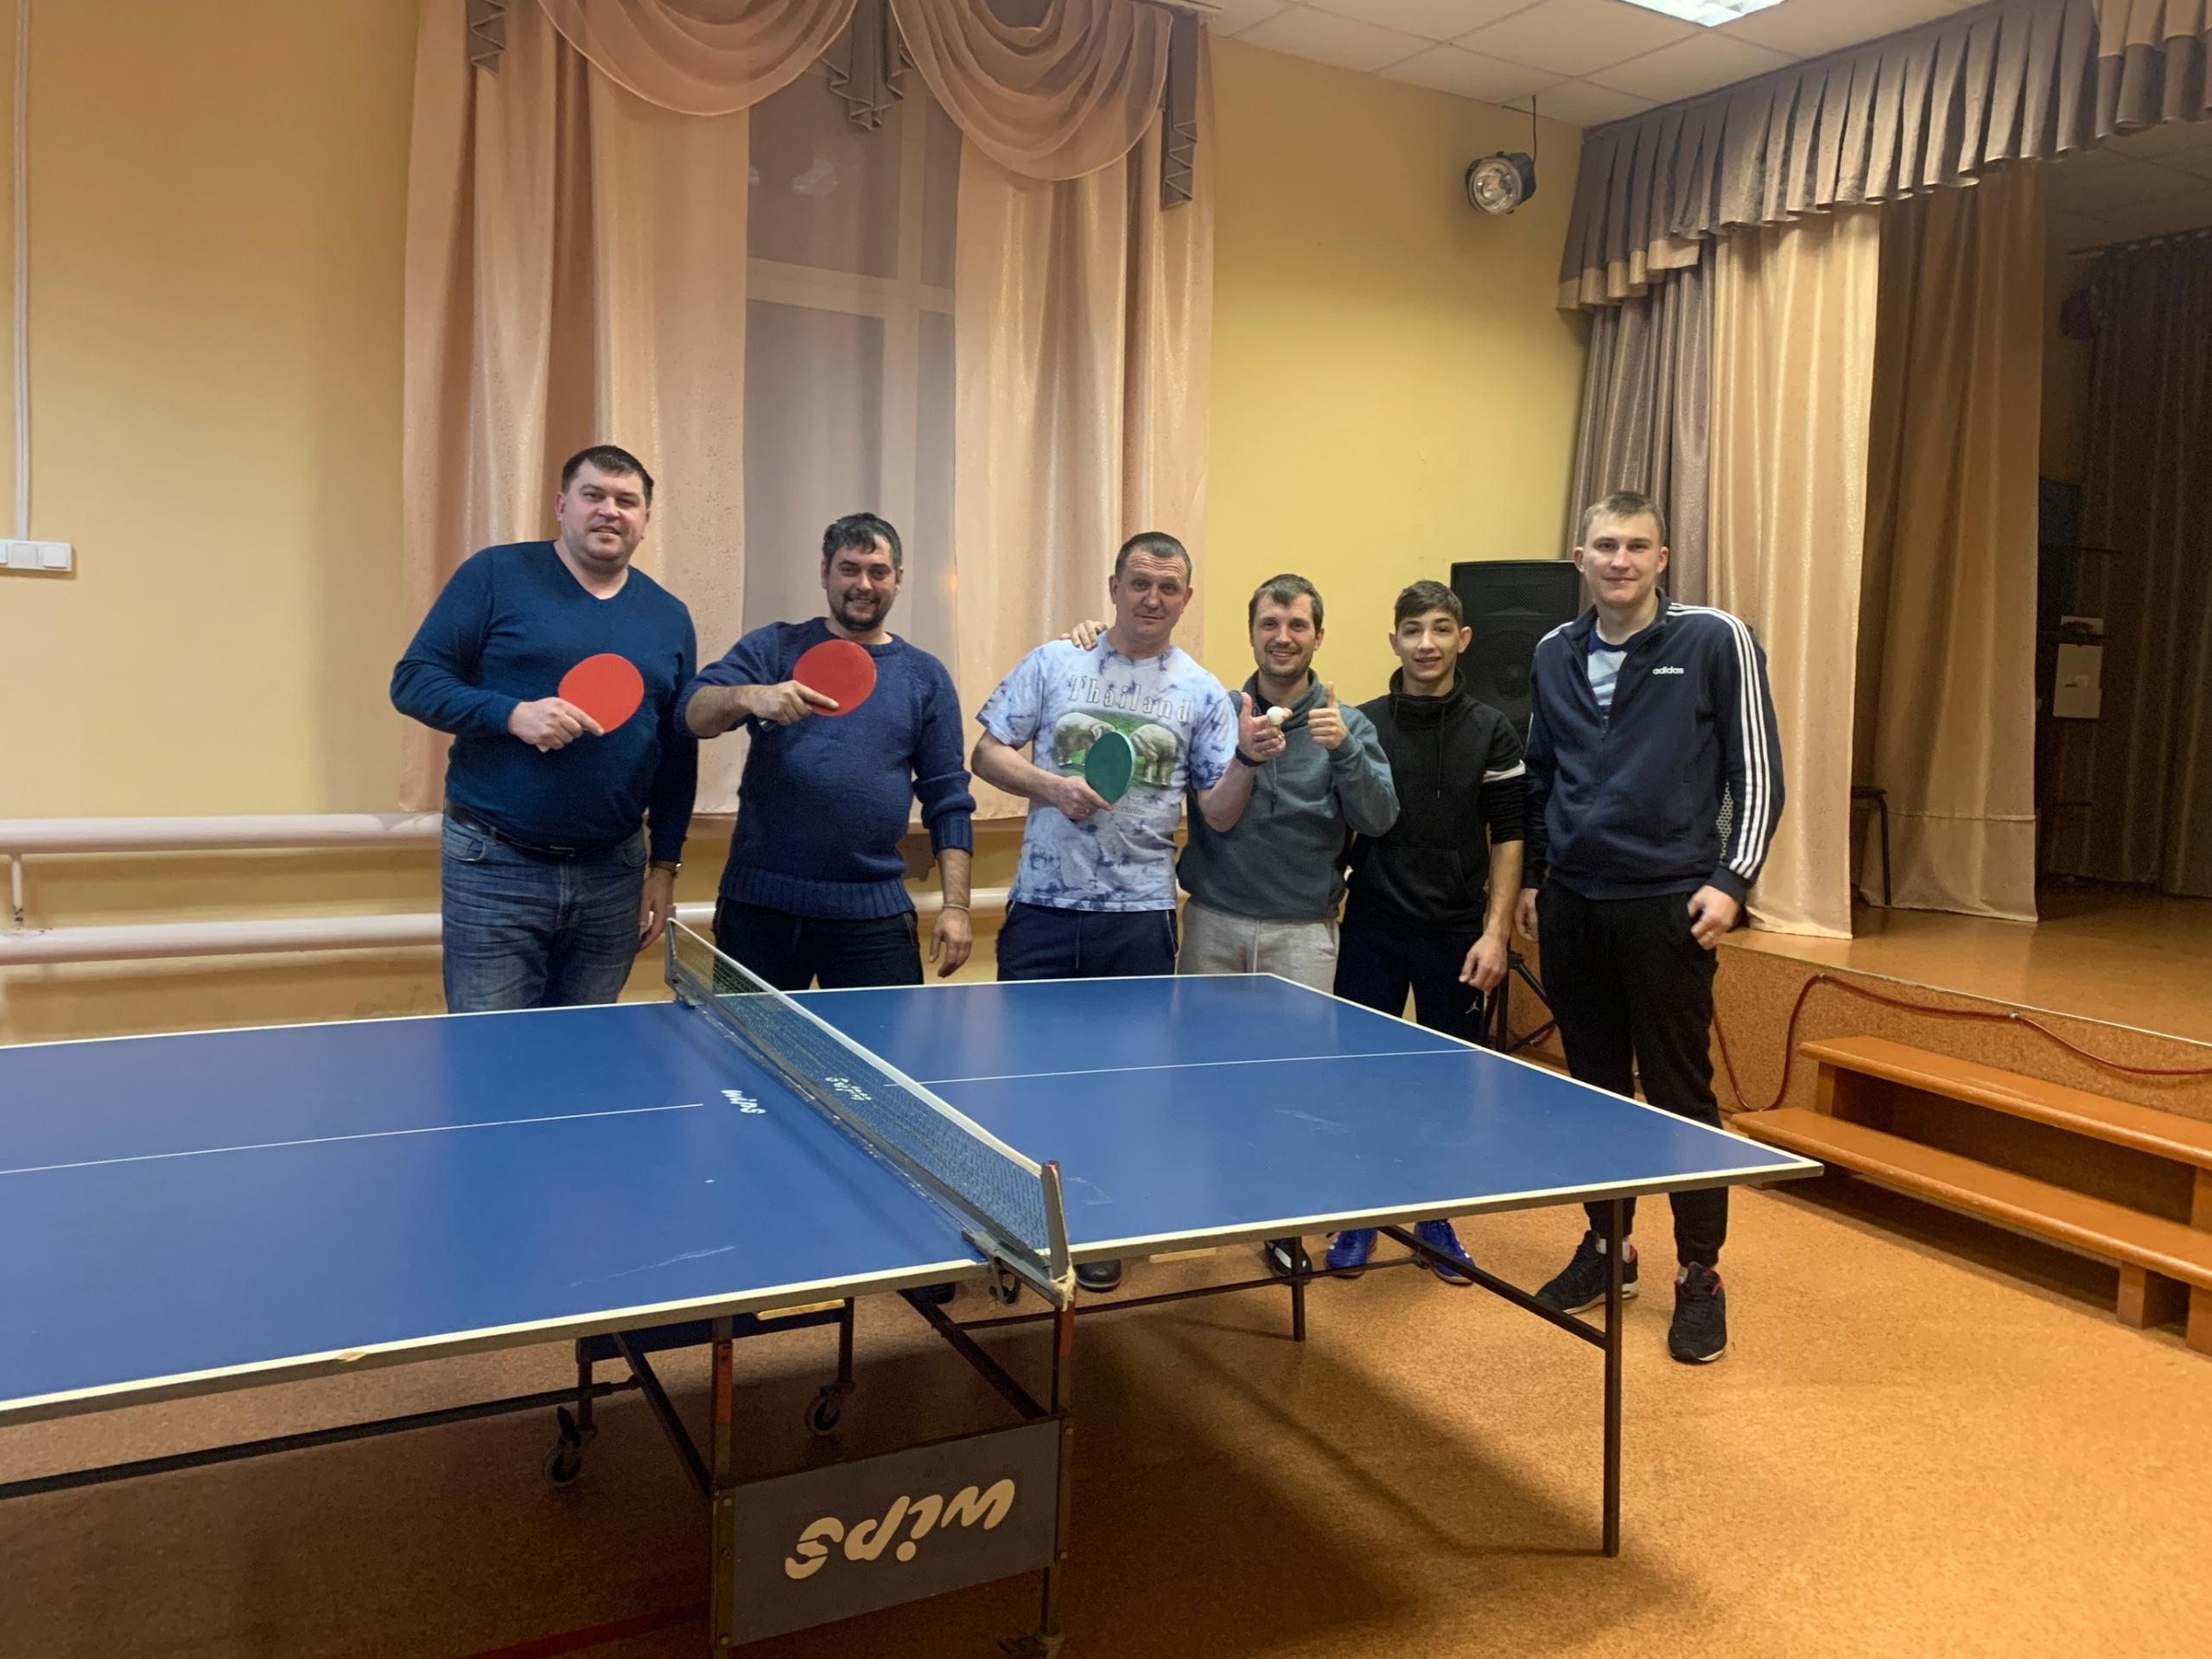 Турнир по теннису «Весёлая ракетка» провели в Полурядинском сельском клубе в Озёрах